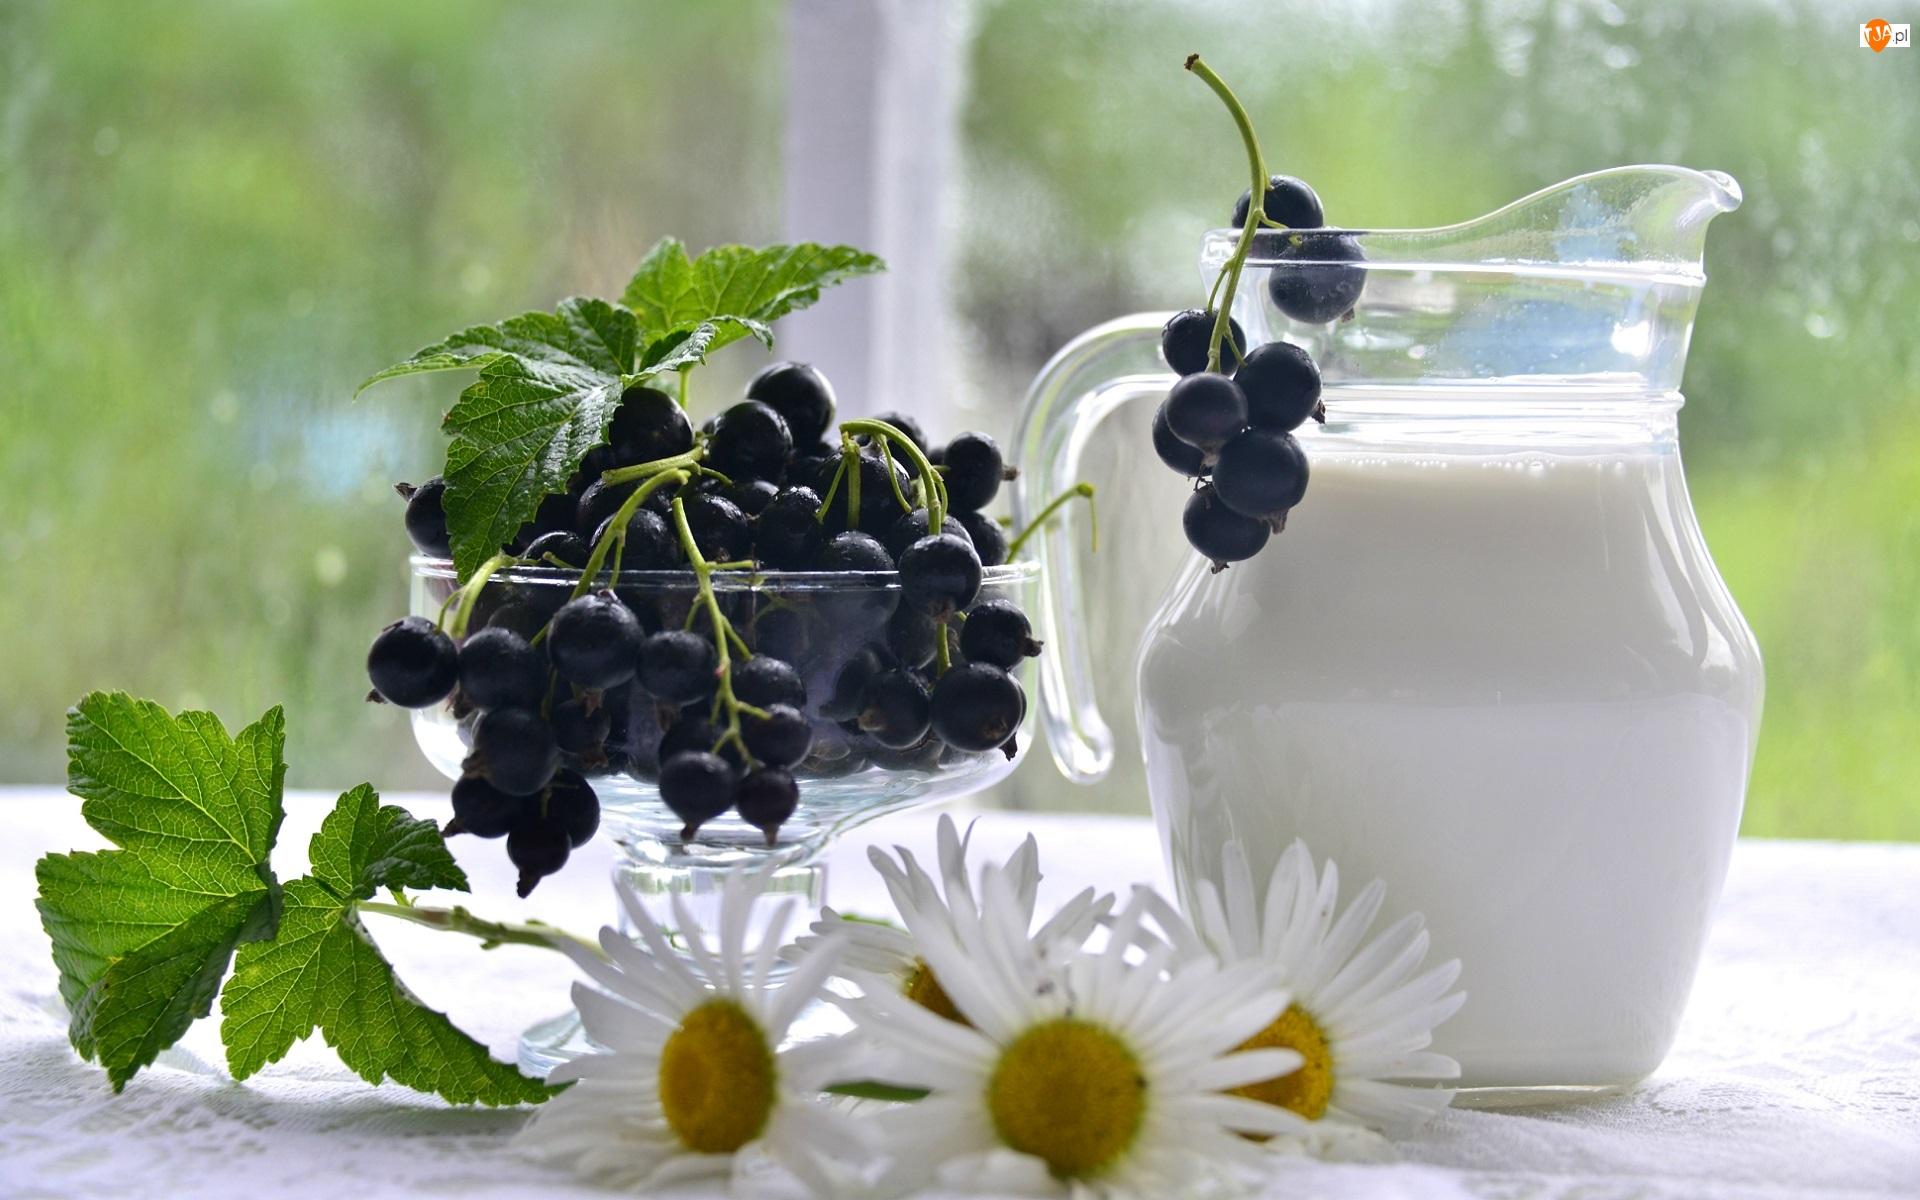 Listki, Dzbanek, Owoce, Kwiaty, Mleko, Czarna porzeczka, Stokrotki, Pucharek